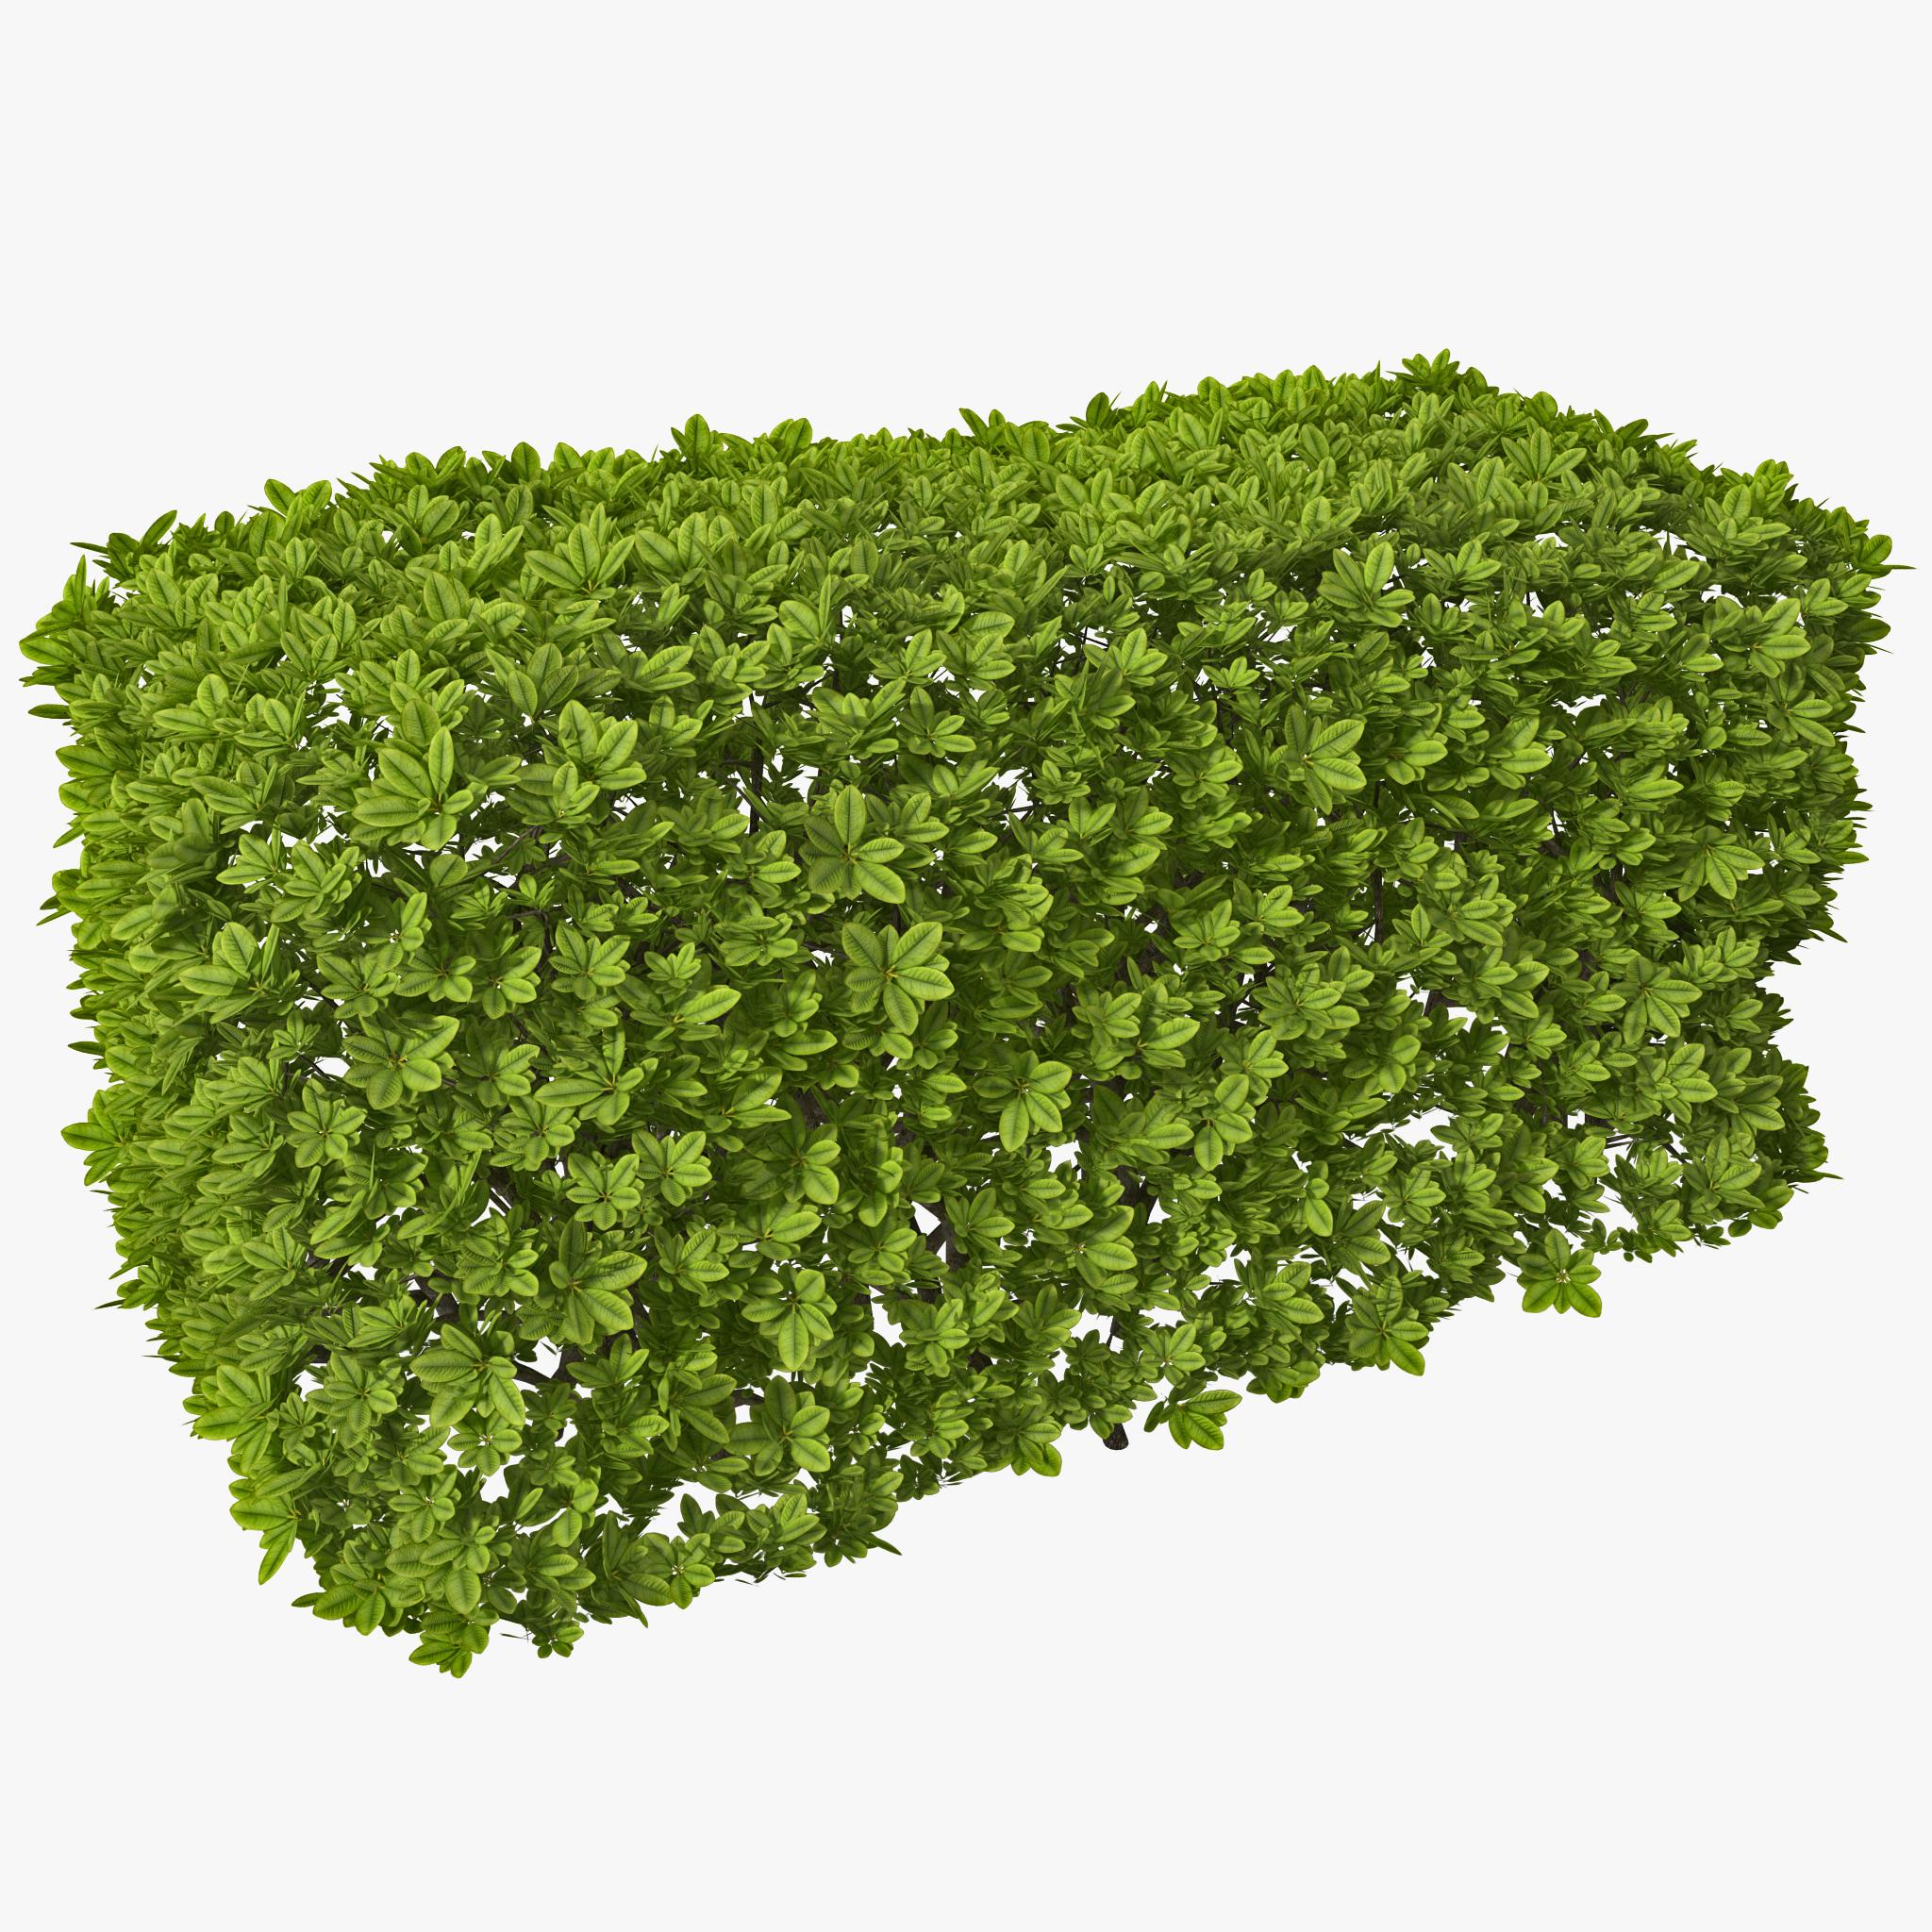 Rectangular box hedge 3d model by 3d molier 3d molier 3d for Garden shrubs